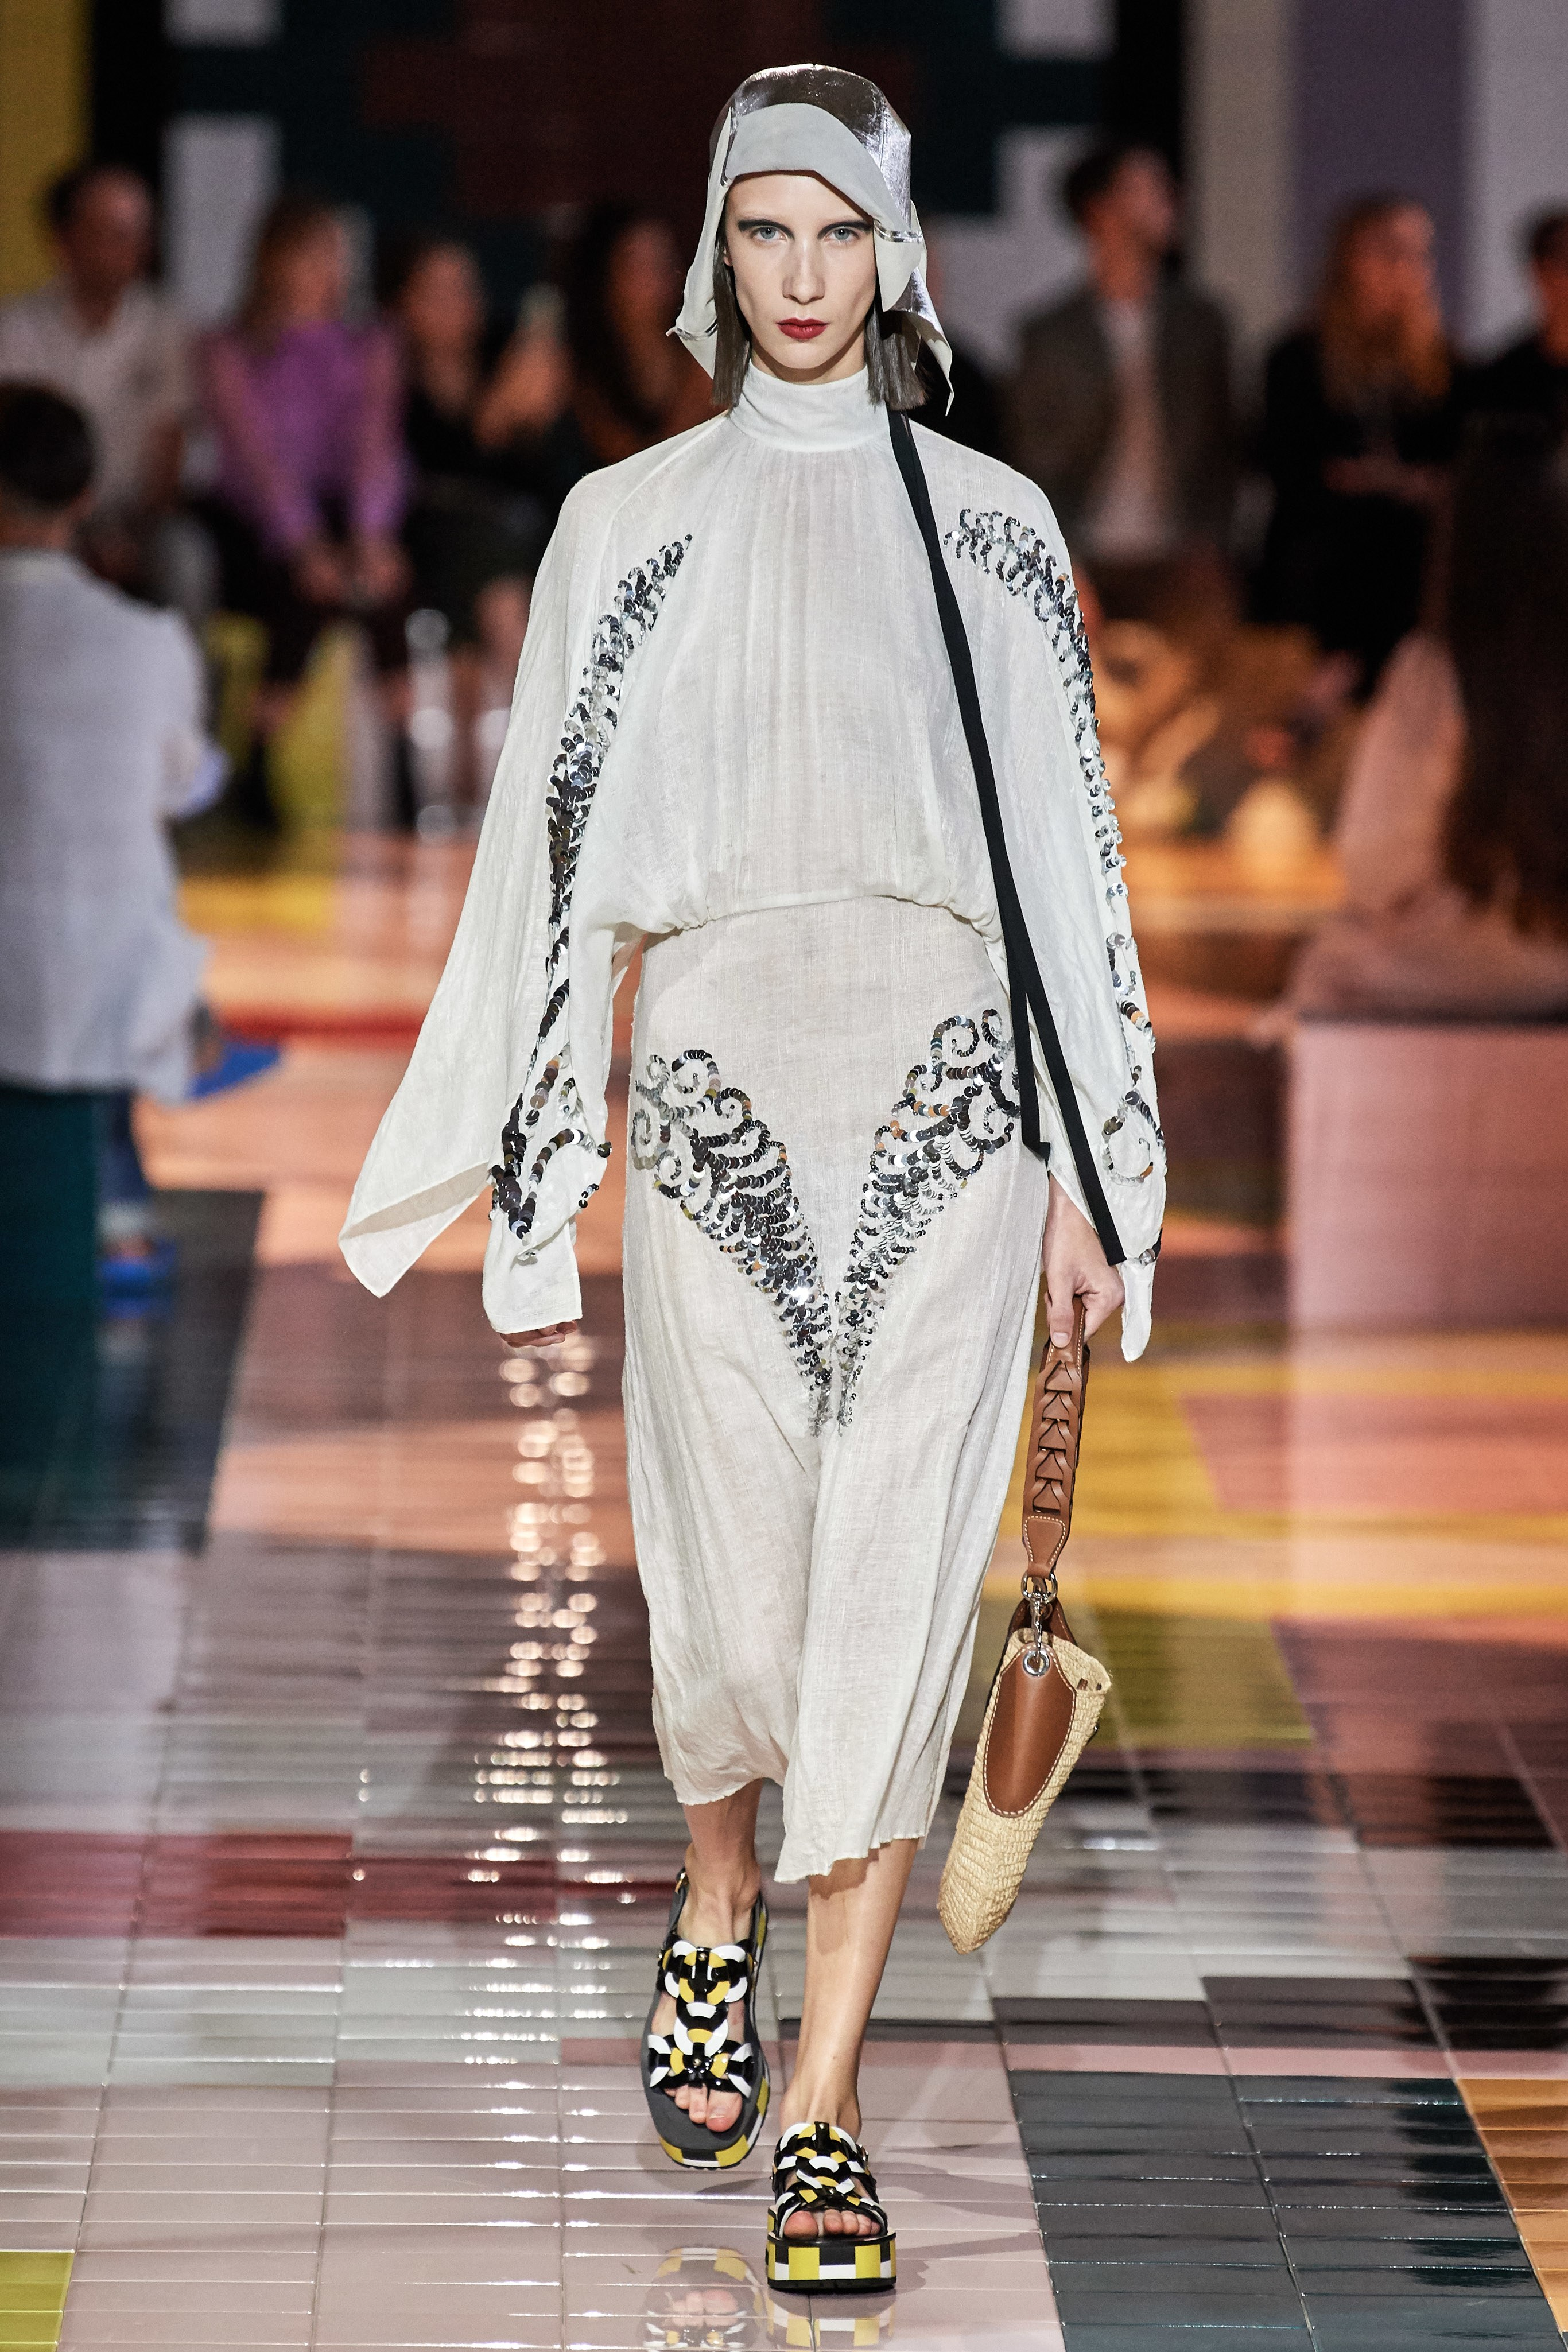 đầm tay dài bộ sưu tập prada xuân hè 2020